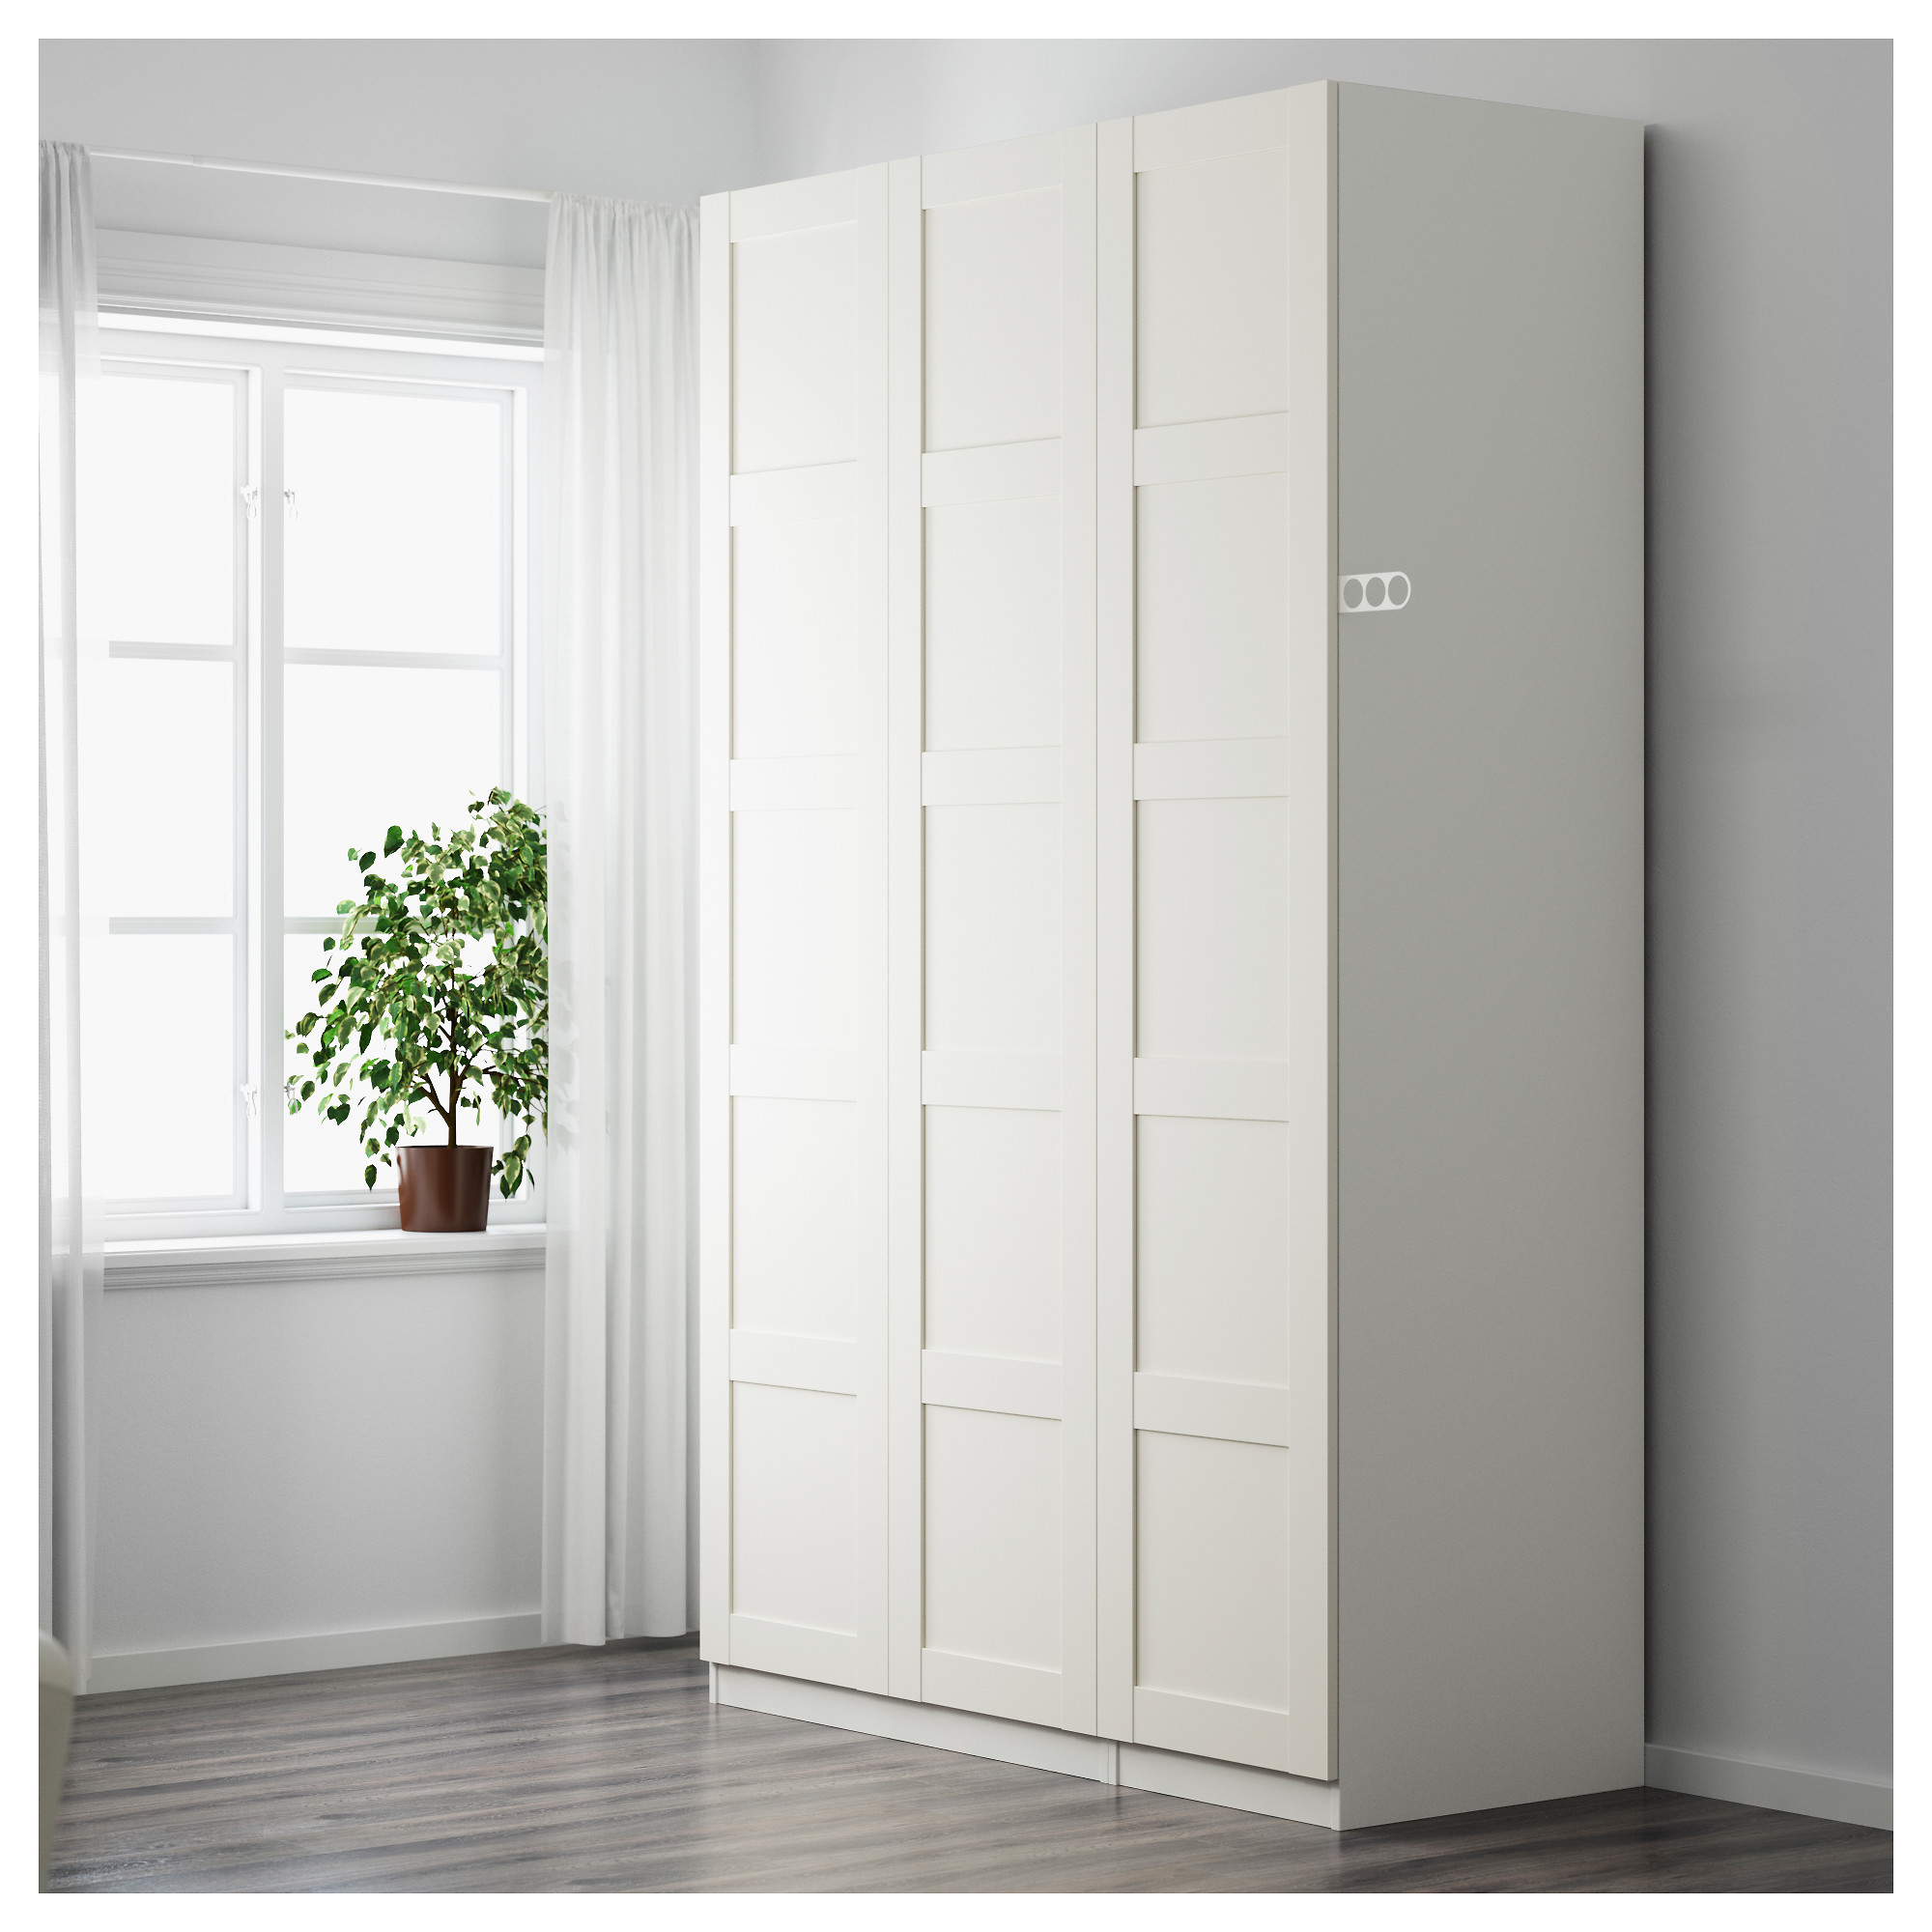 Купить гардероб пакс, белый, бергсбу белый в икеа (минск). ц.